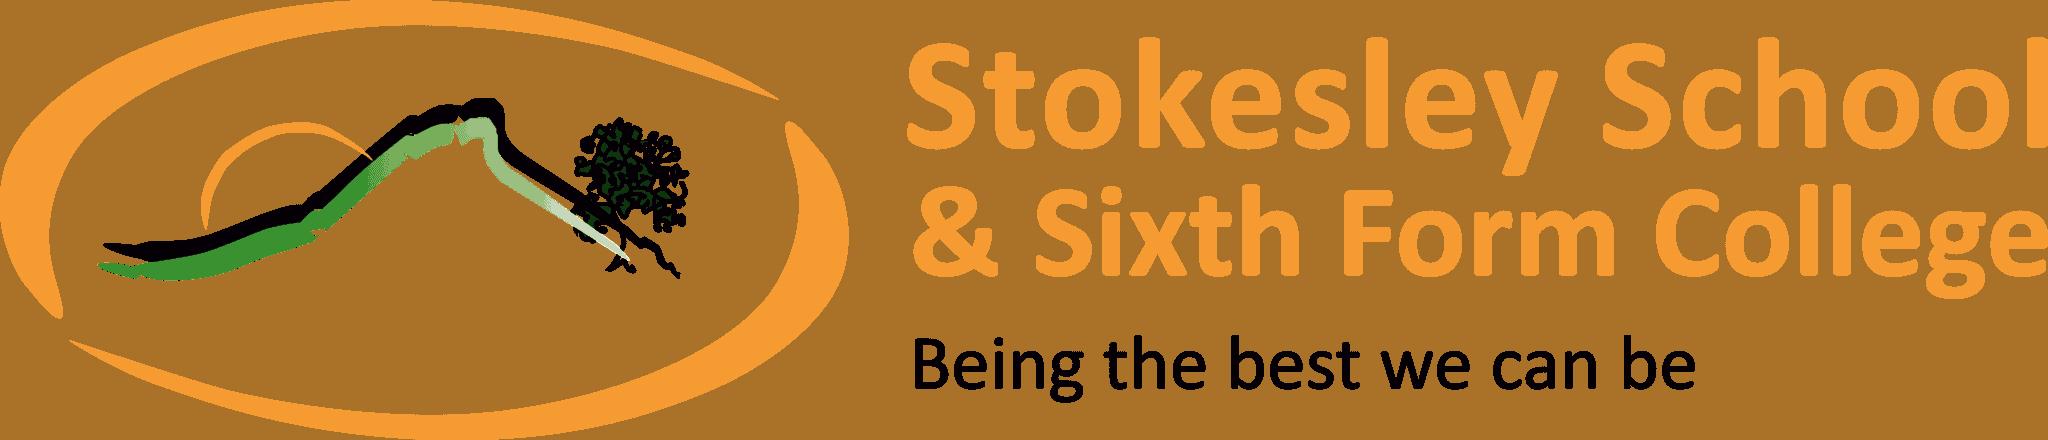 StokesleySchool-logo